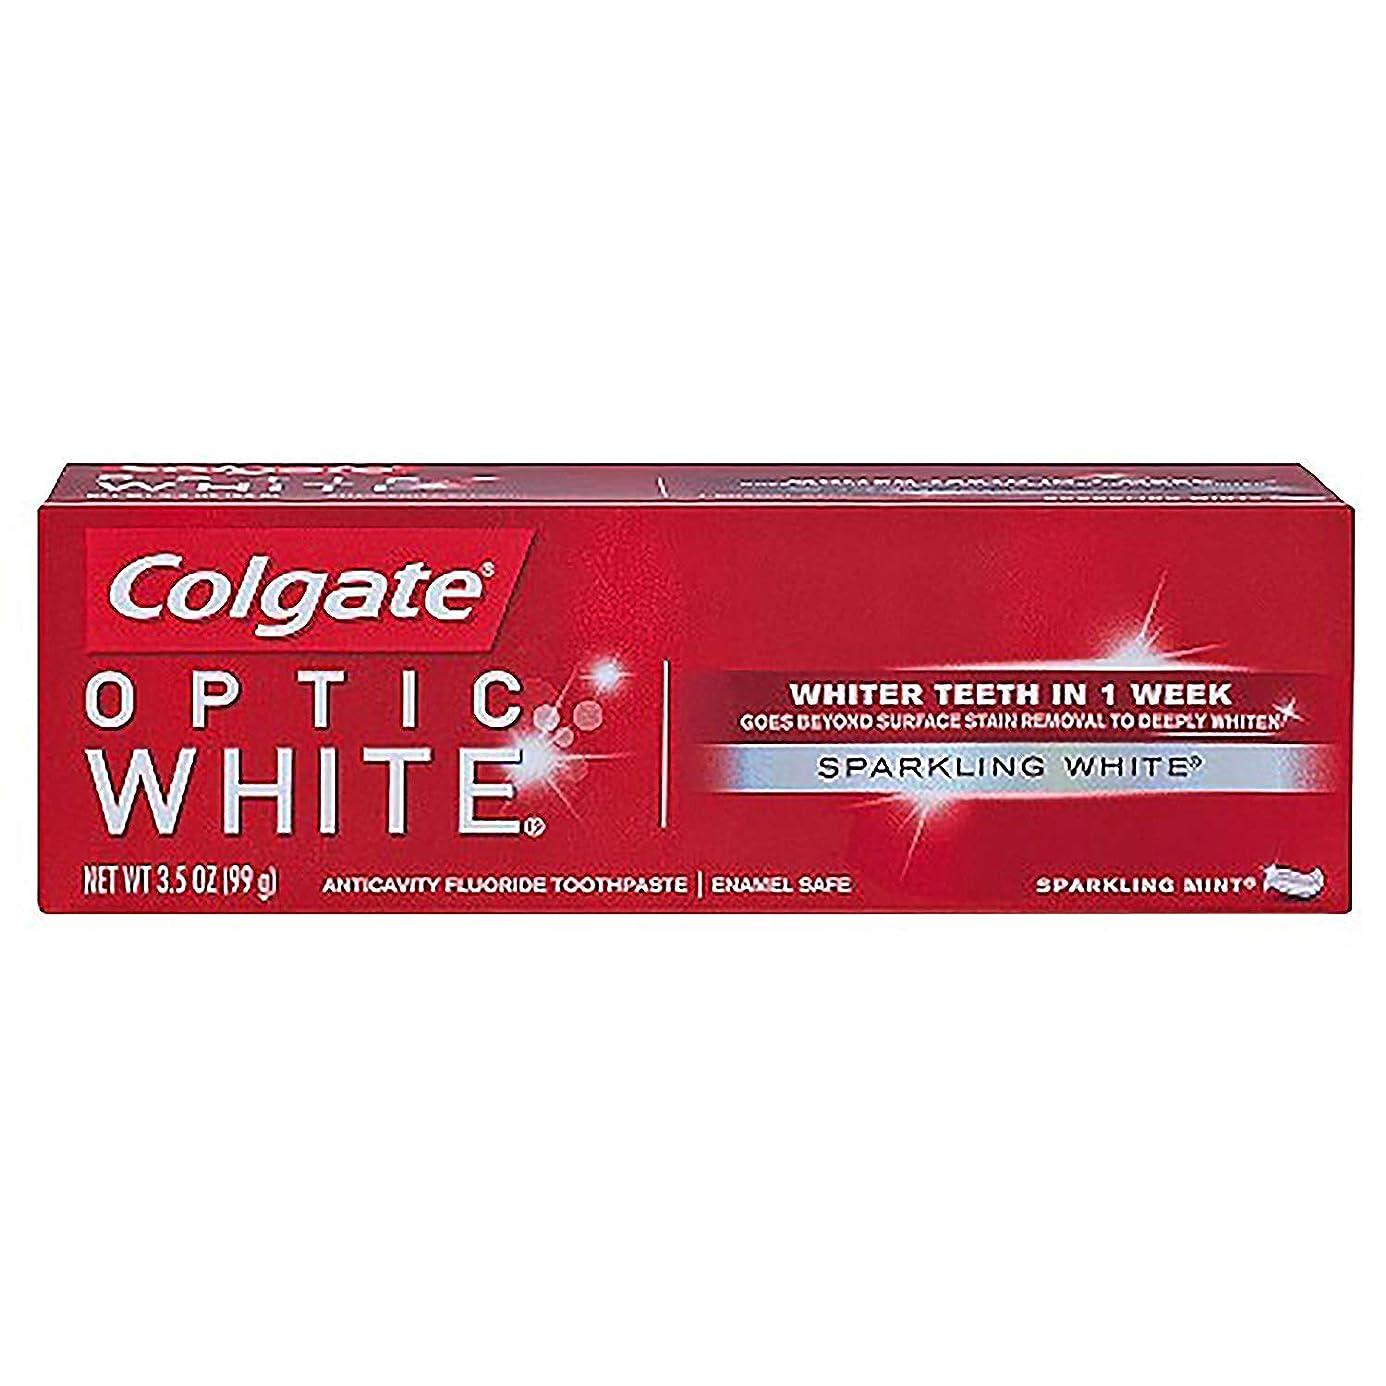 失うブレーキウガンダコルゲート ホワイトニング Colgate Optic White Sparkling White 99g 白い歯 歯磨き粉 ミント